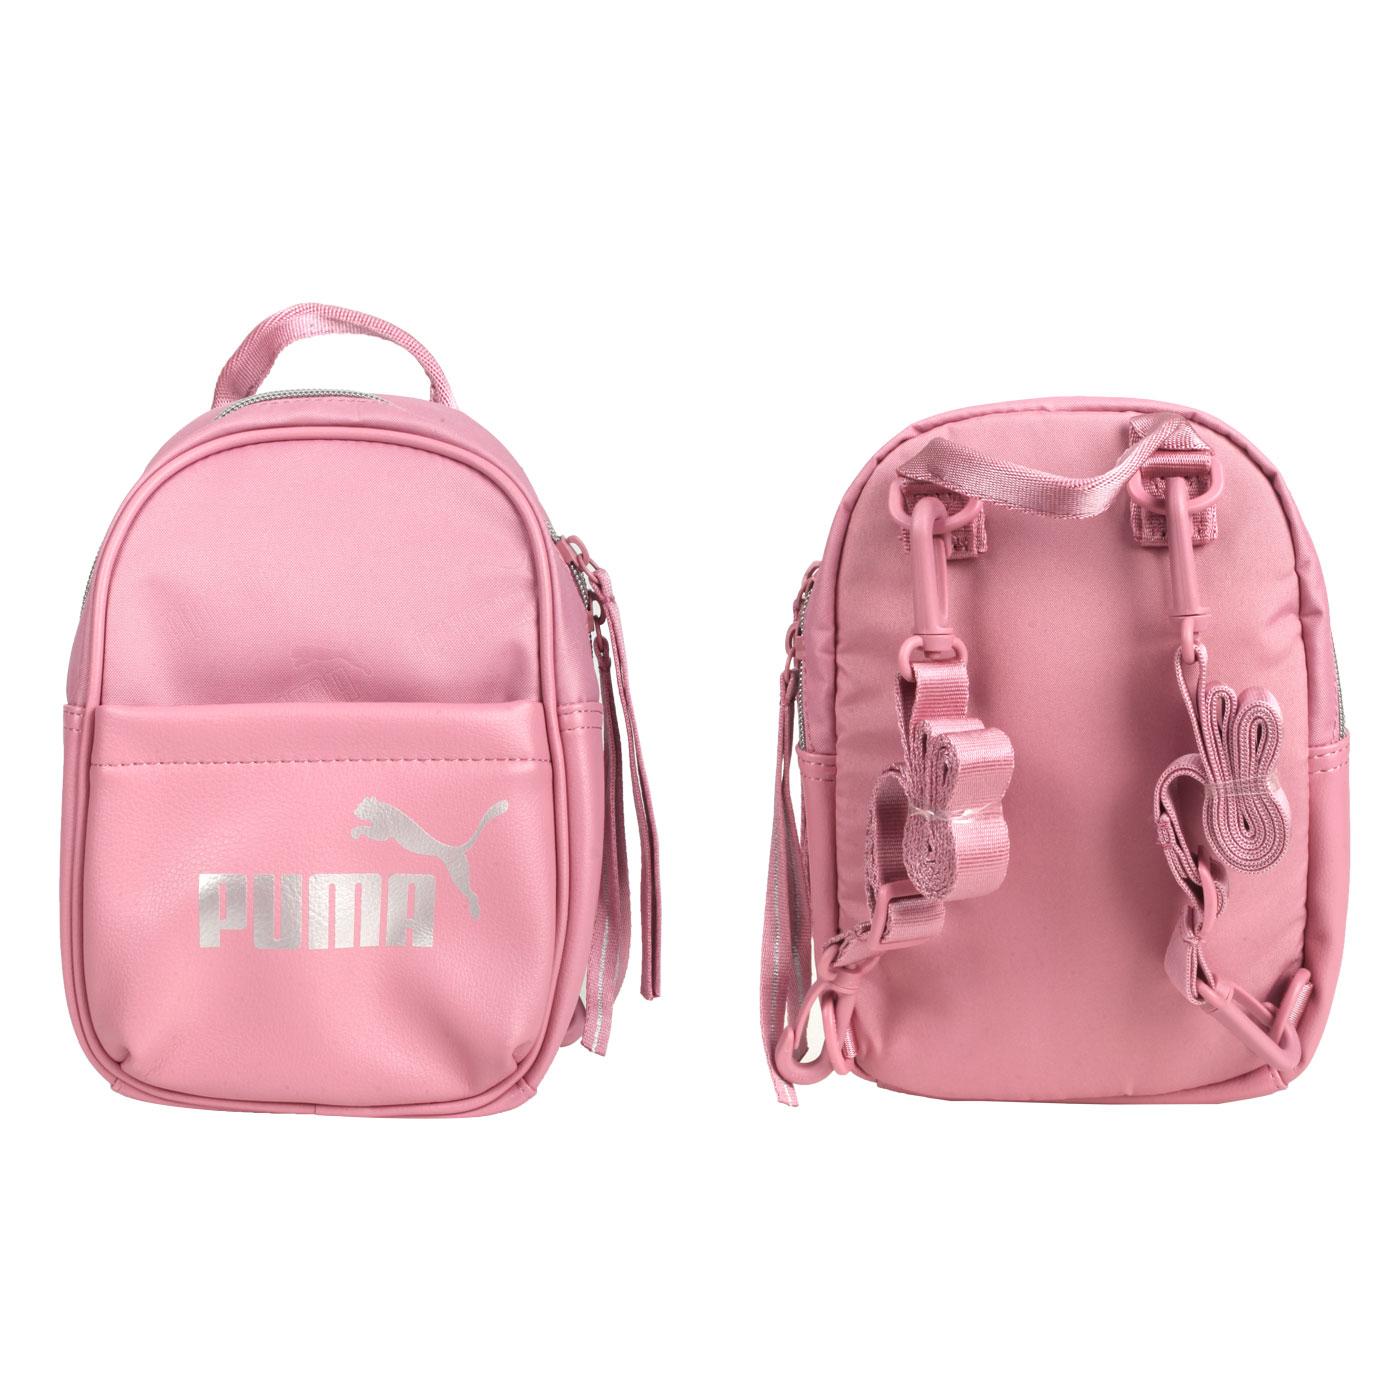 PUMA 小型後背包 07747902 - 粉紅銀